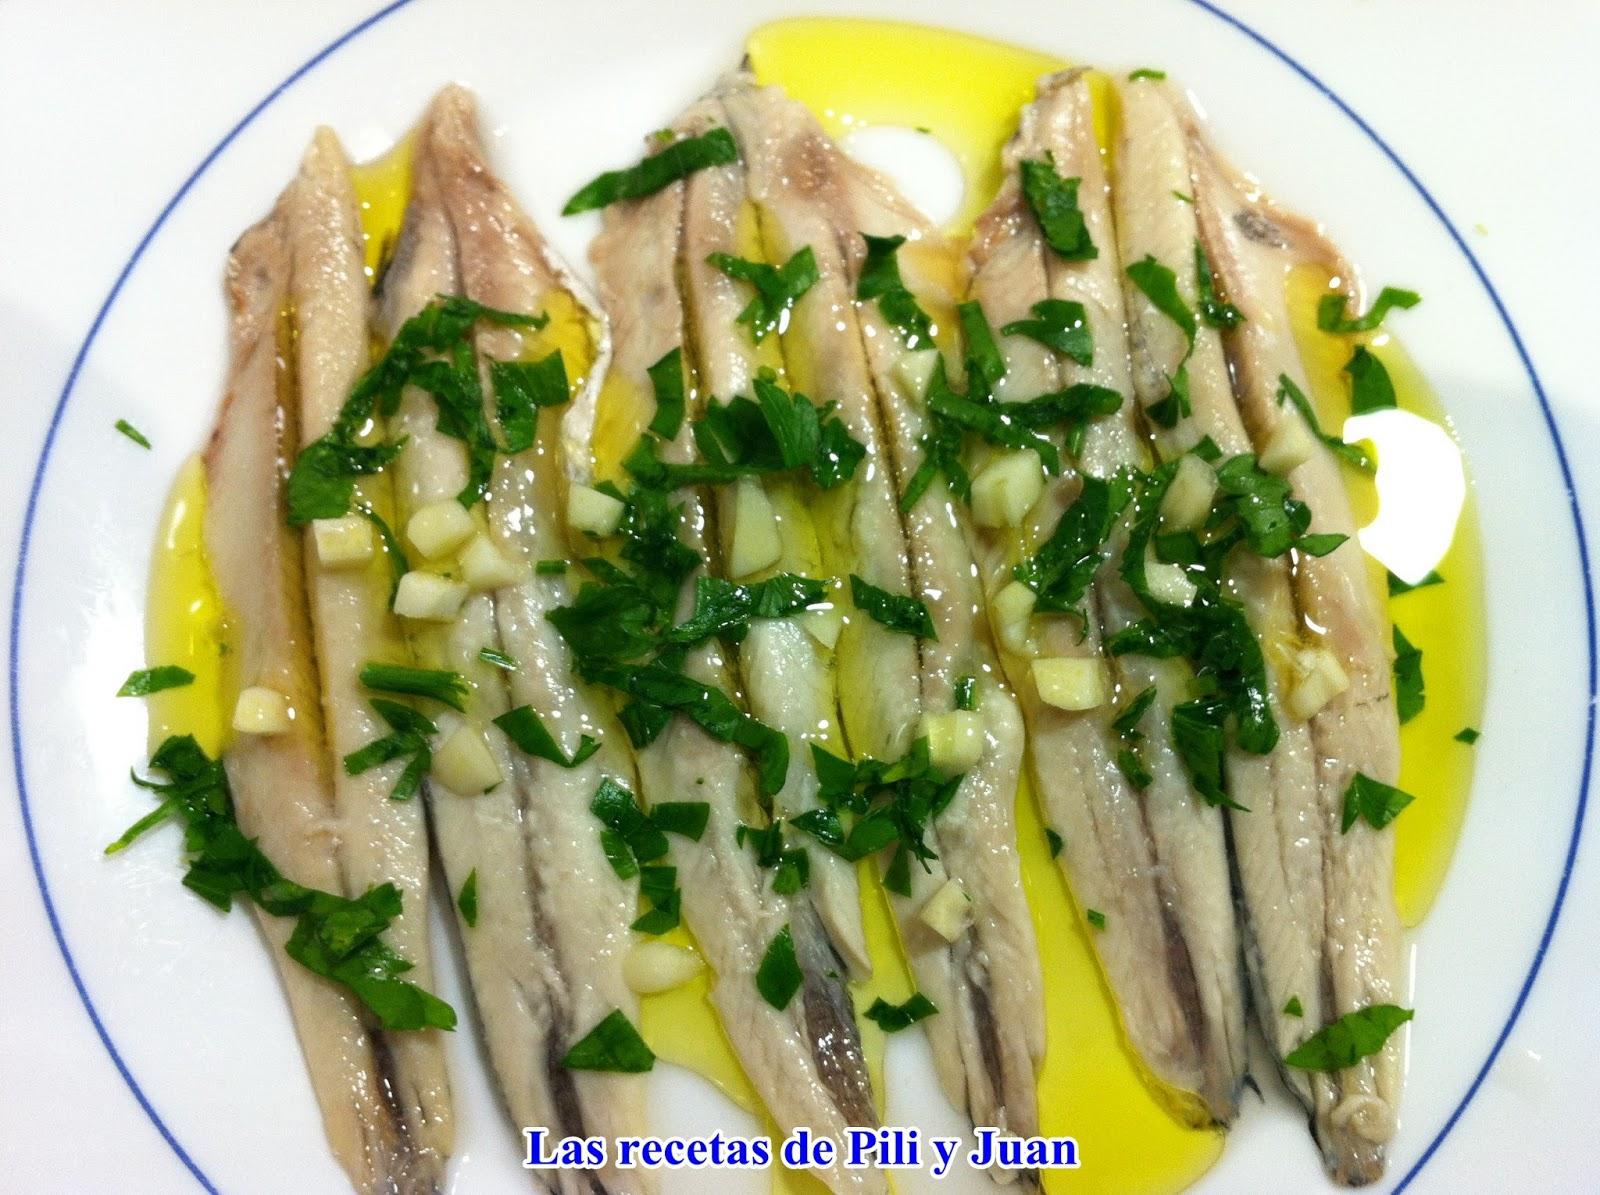 Las recetas de pili y juan anchoas en vinagre - Boquerones en vinagre duros ...